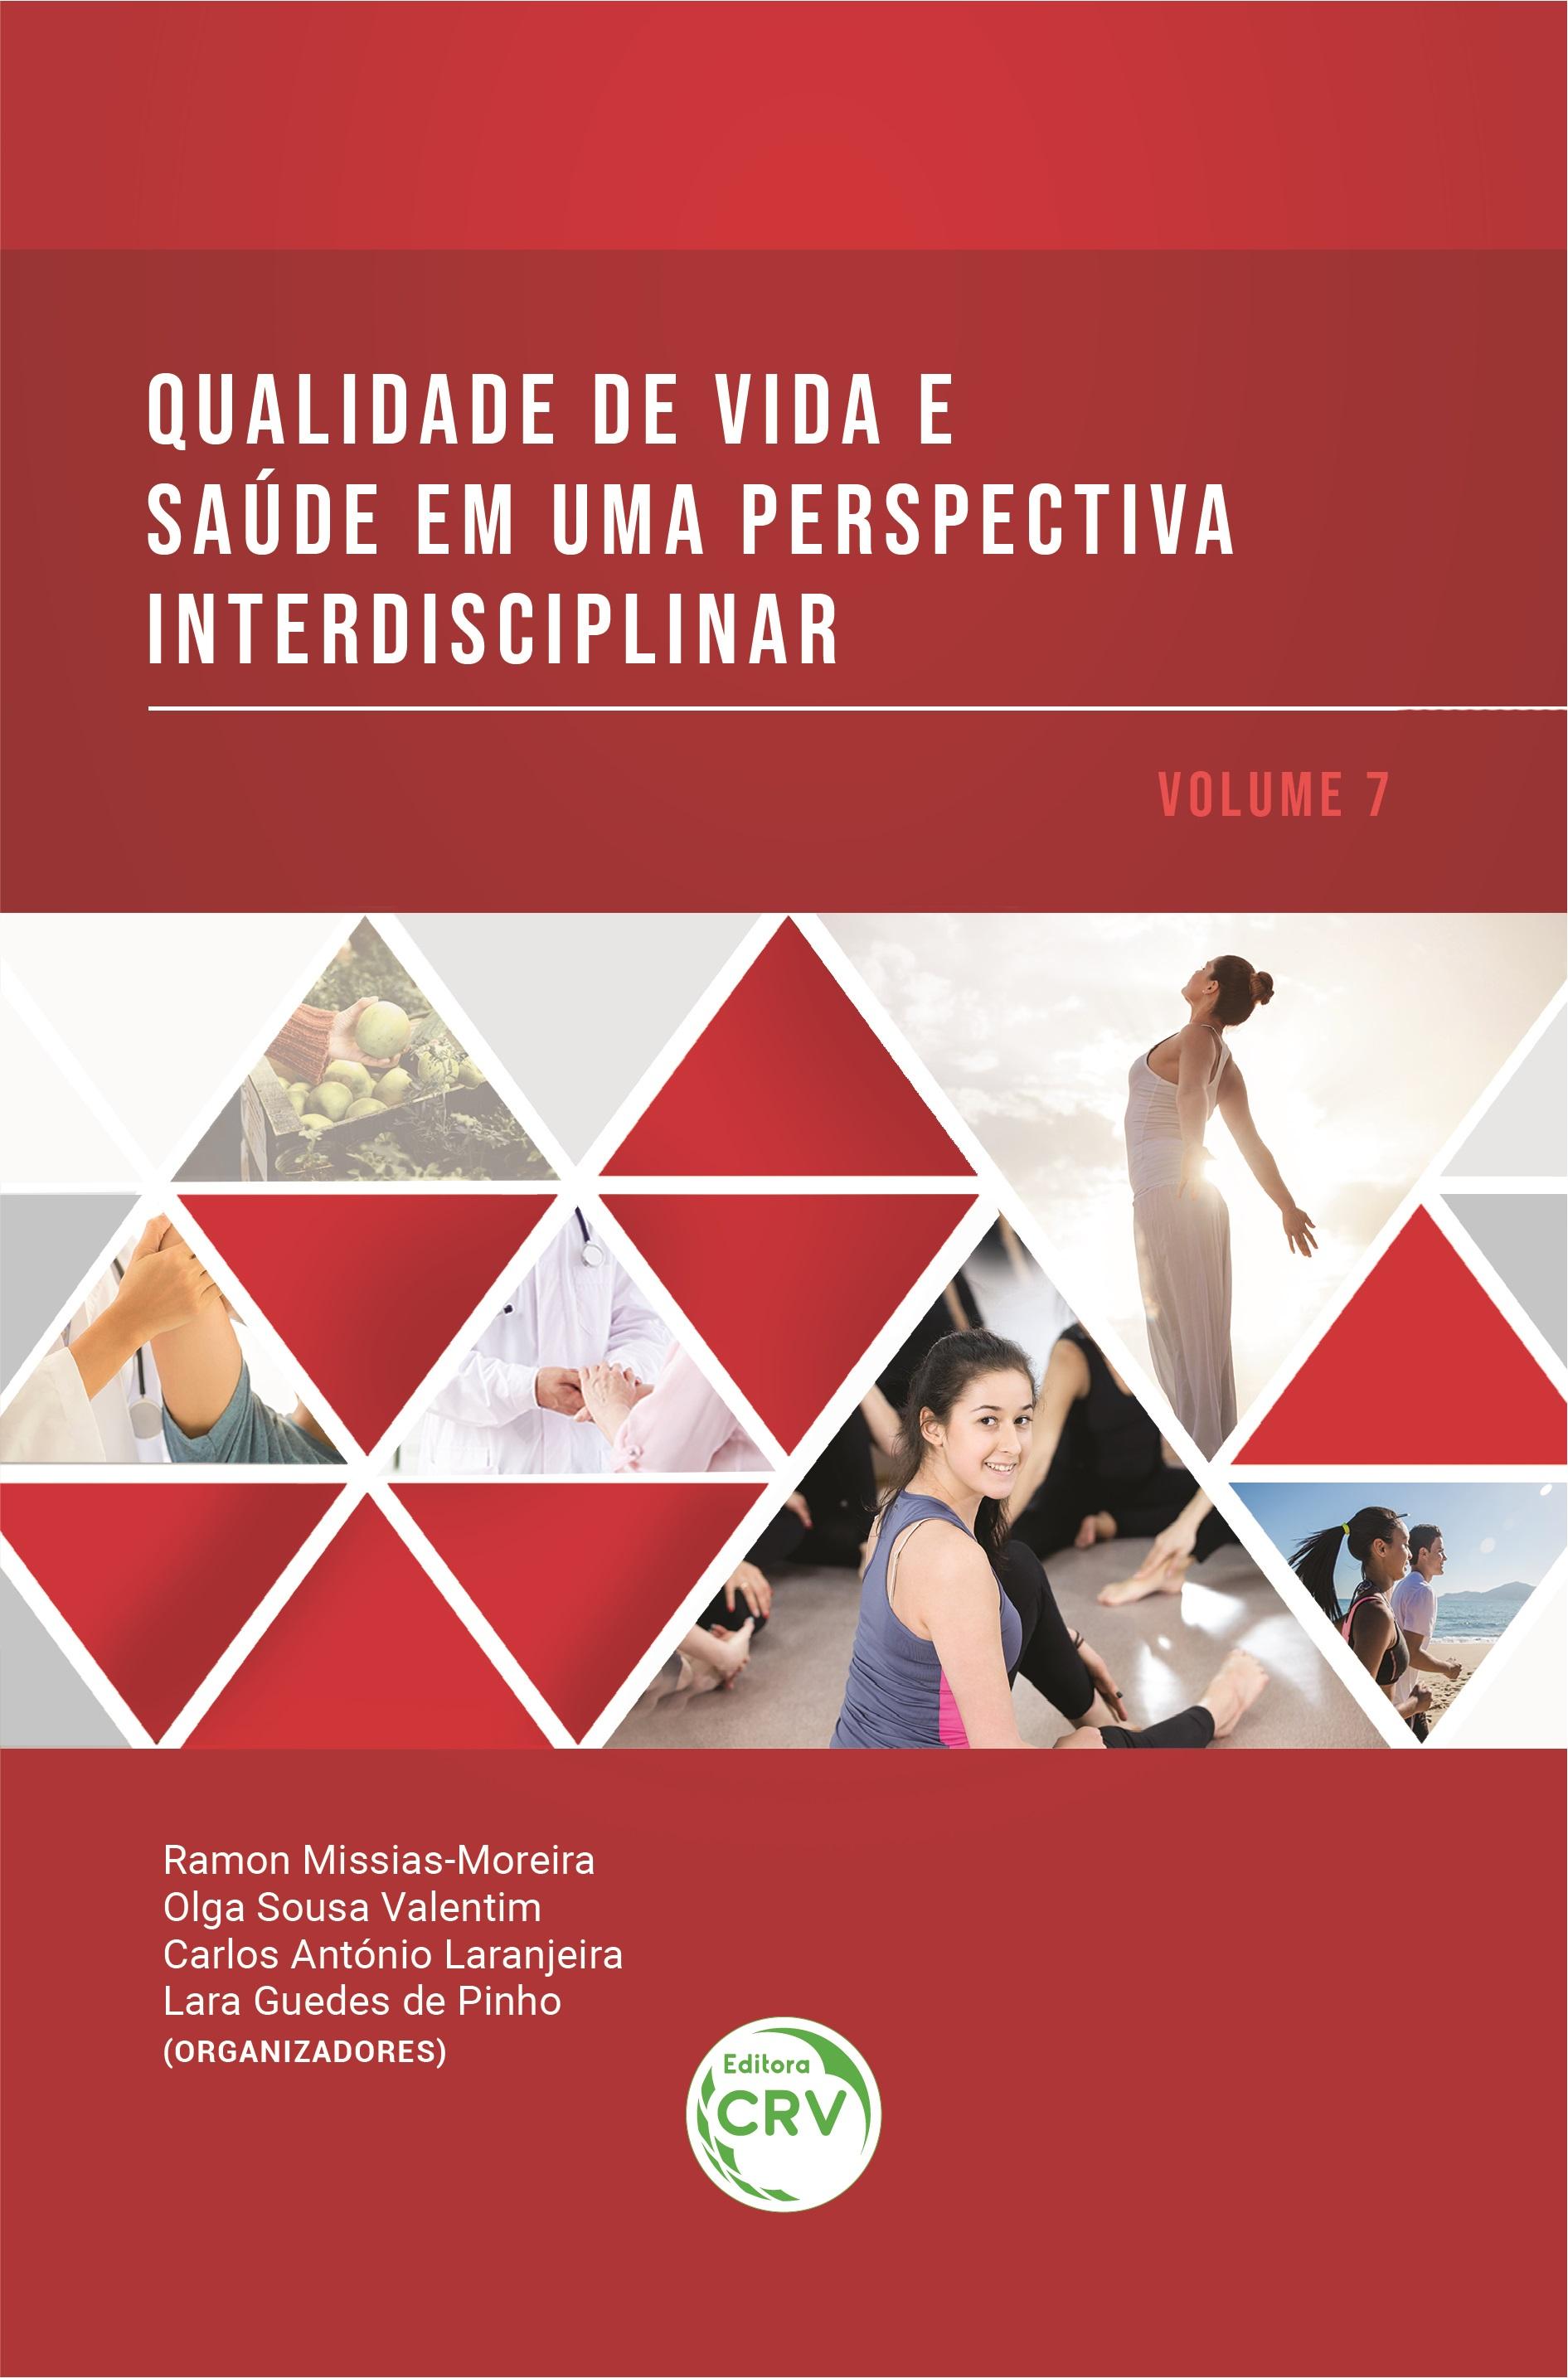 Capa do livro: QUALIDADE DE VIDA E SAÚDE EM UMA PERSPECTIVA INTERDISCIPLINAR <br>Volume 7